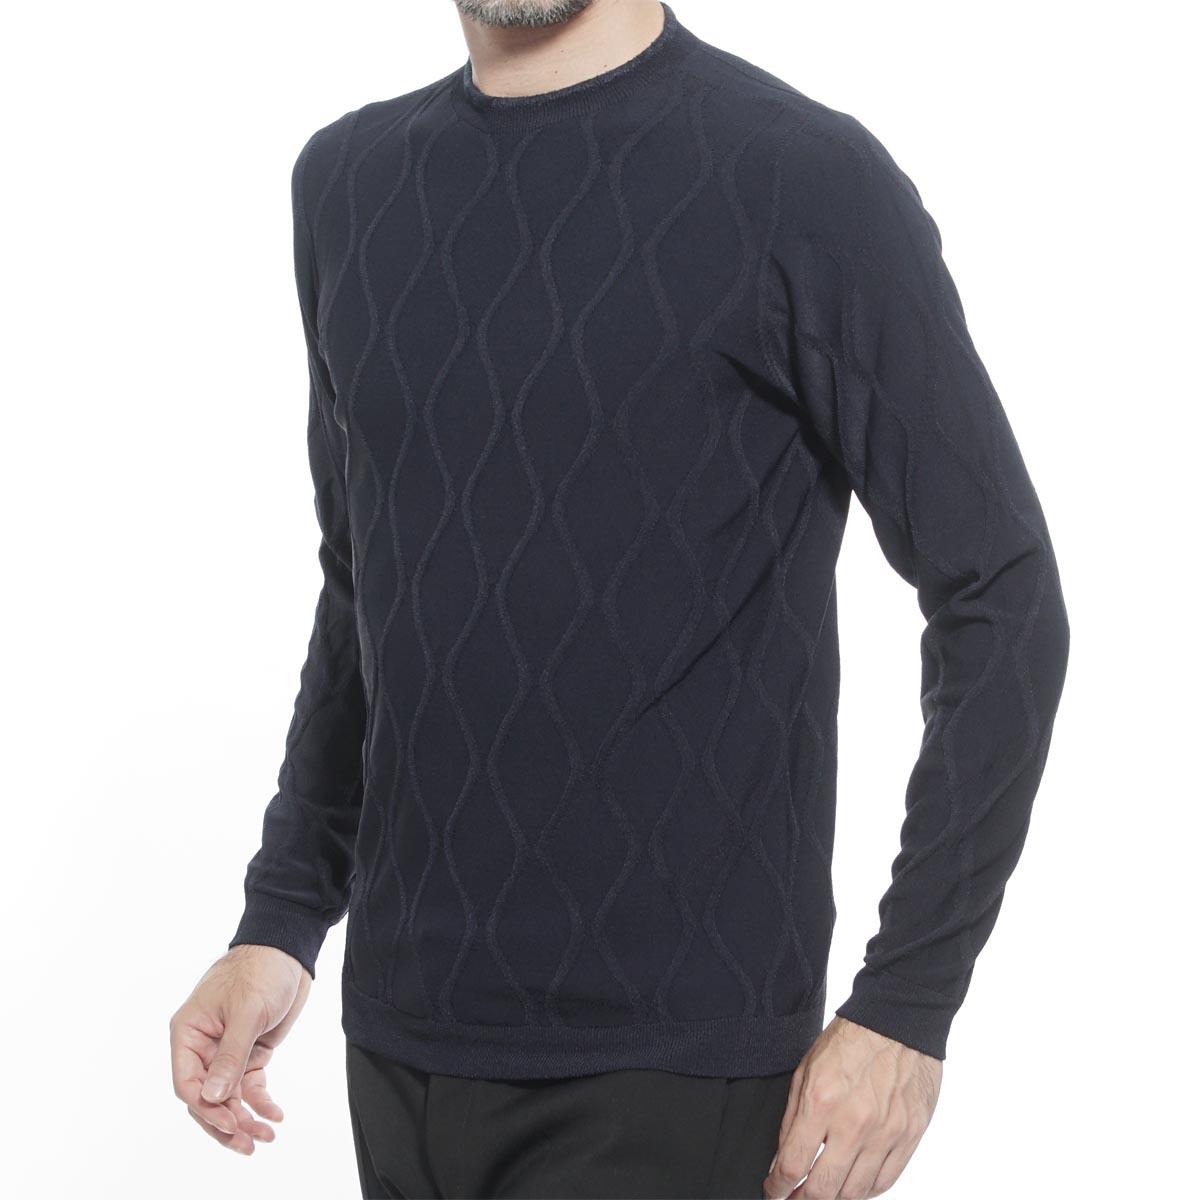 ジョルジオアルマーニ GIORGIO ARMANI ラウンドネック セーター ブルー メンズ ニット カジュアル トレンド 6gsmb2 smb3z ubwf JACQUARD SWEATER【返品送料無料】【ラッピング無料】【190703】